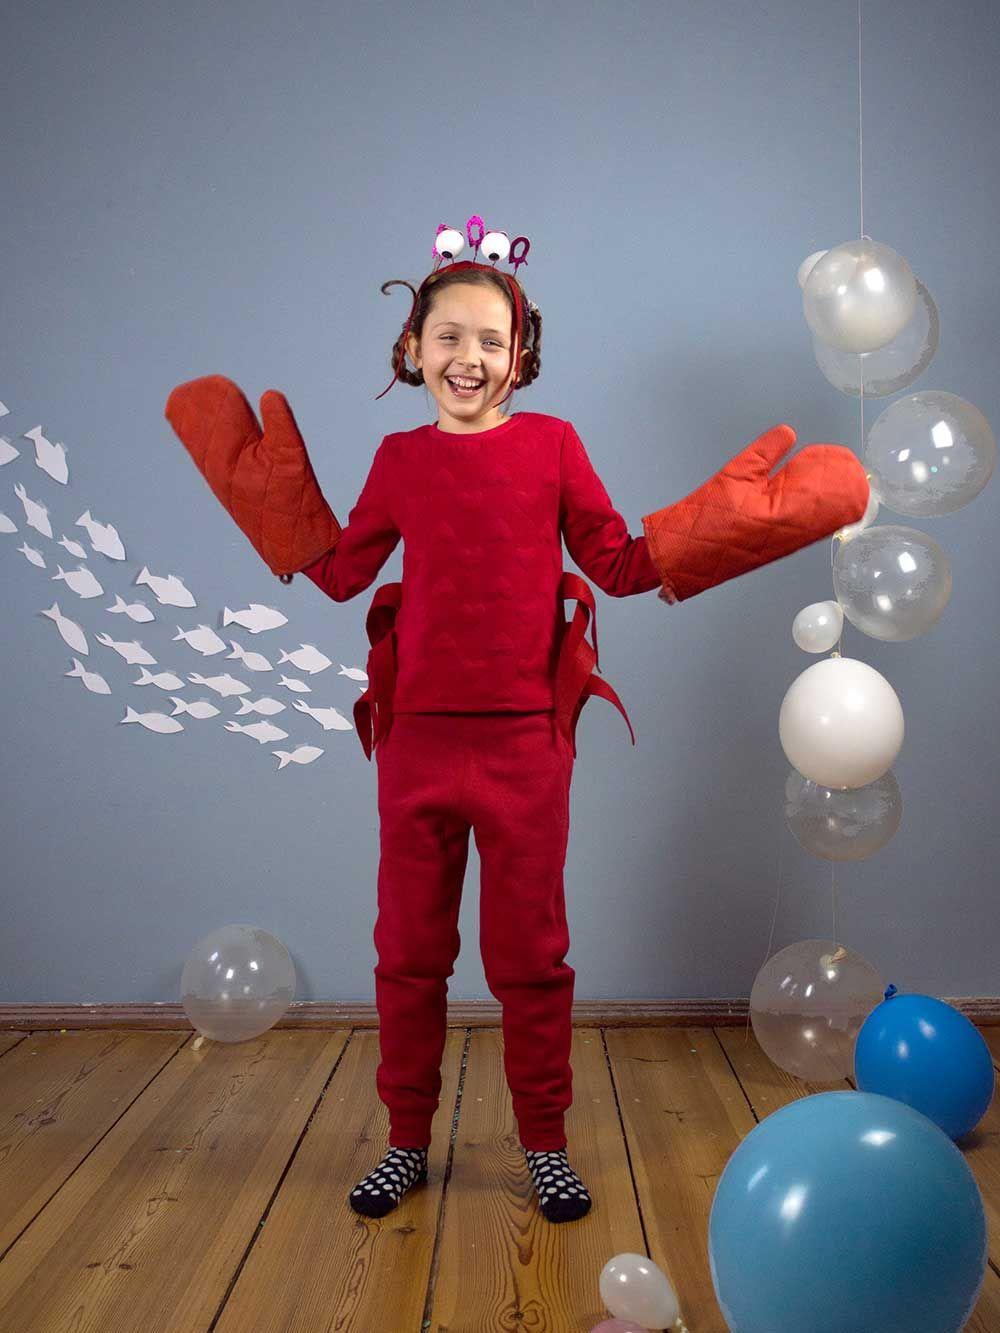 Faschingskostüme für Kinder: Auf Tauchstation   Diesen Karneval feiern wir eine wilde Unterwasser-Sause – mit Krabben, Quallen, Haien und anderen Meeresbewohnern